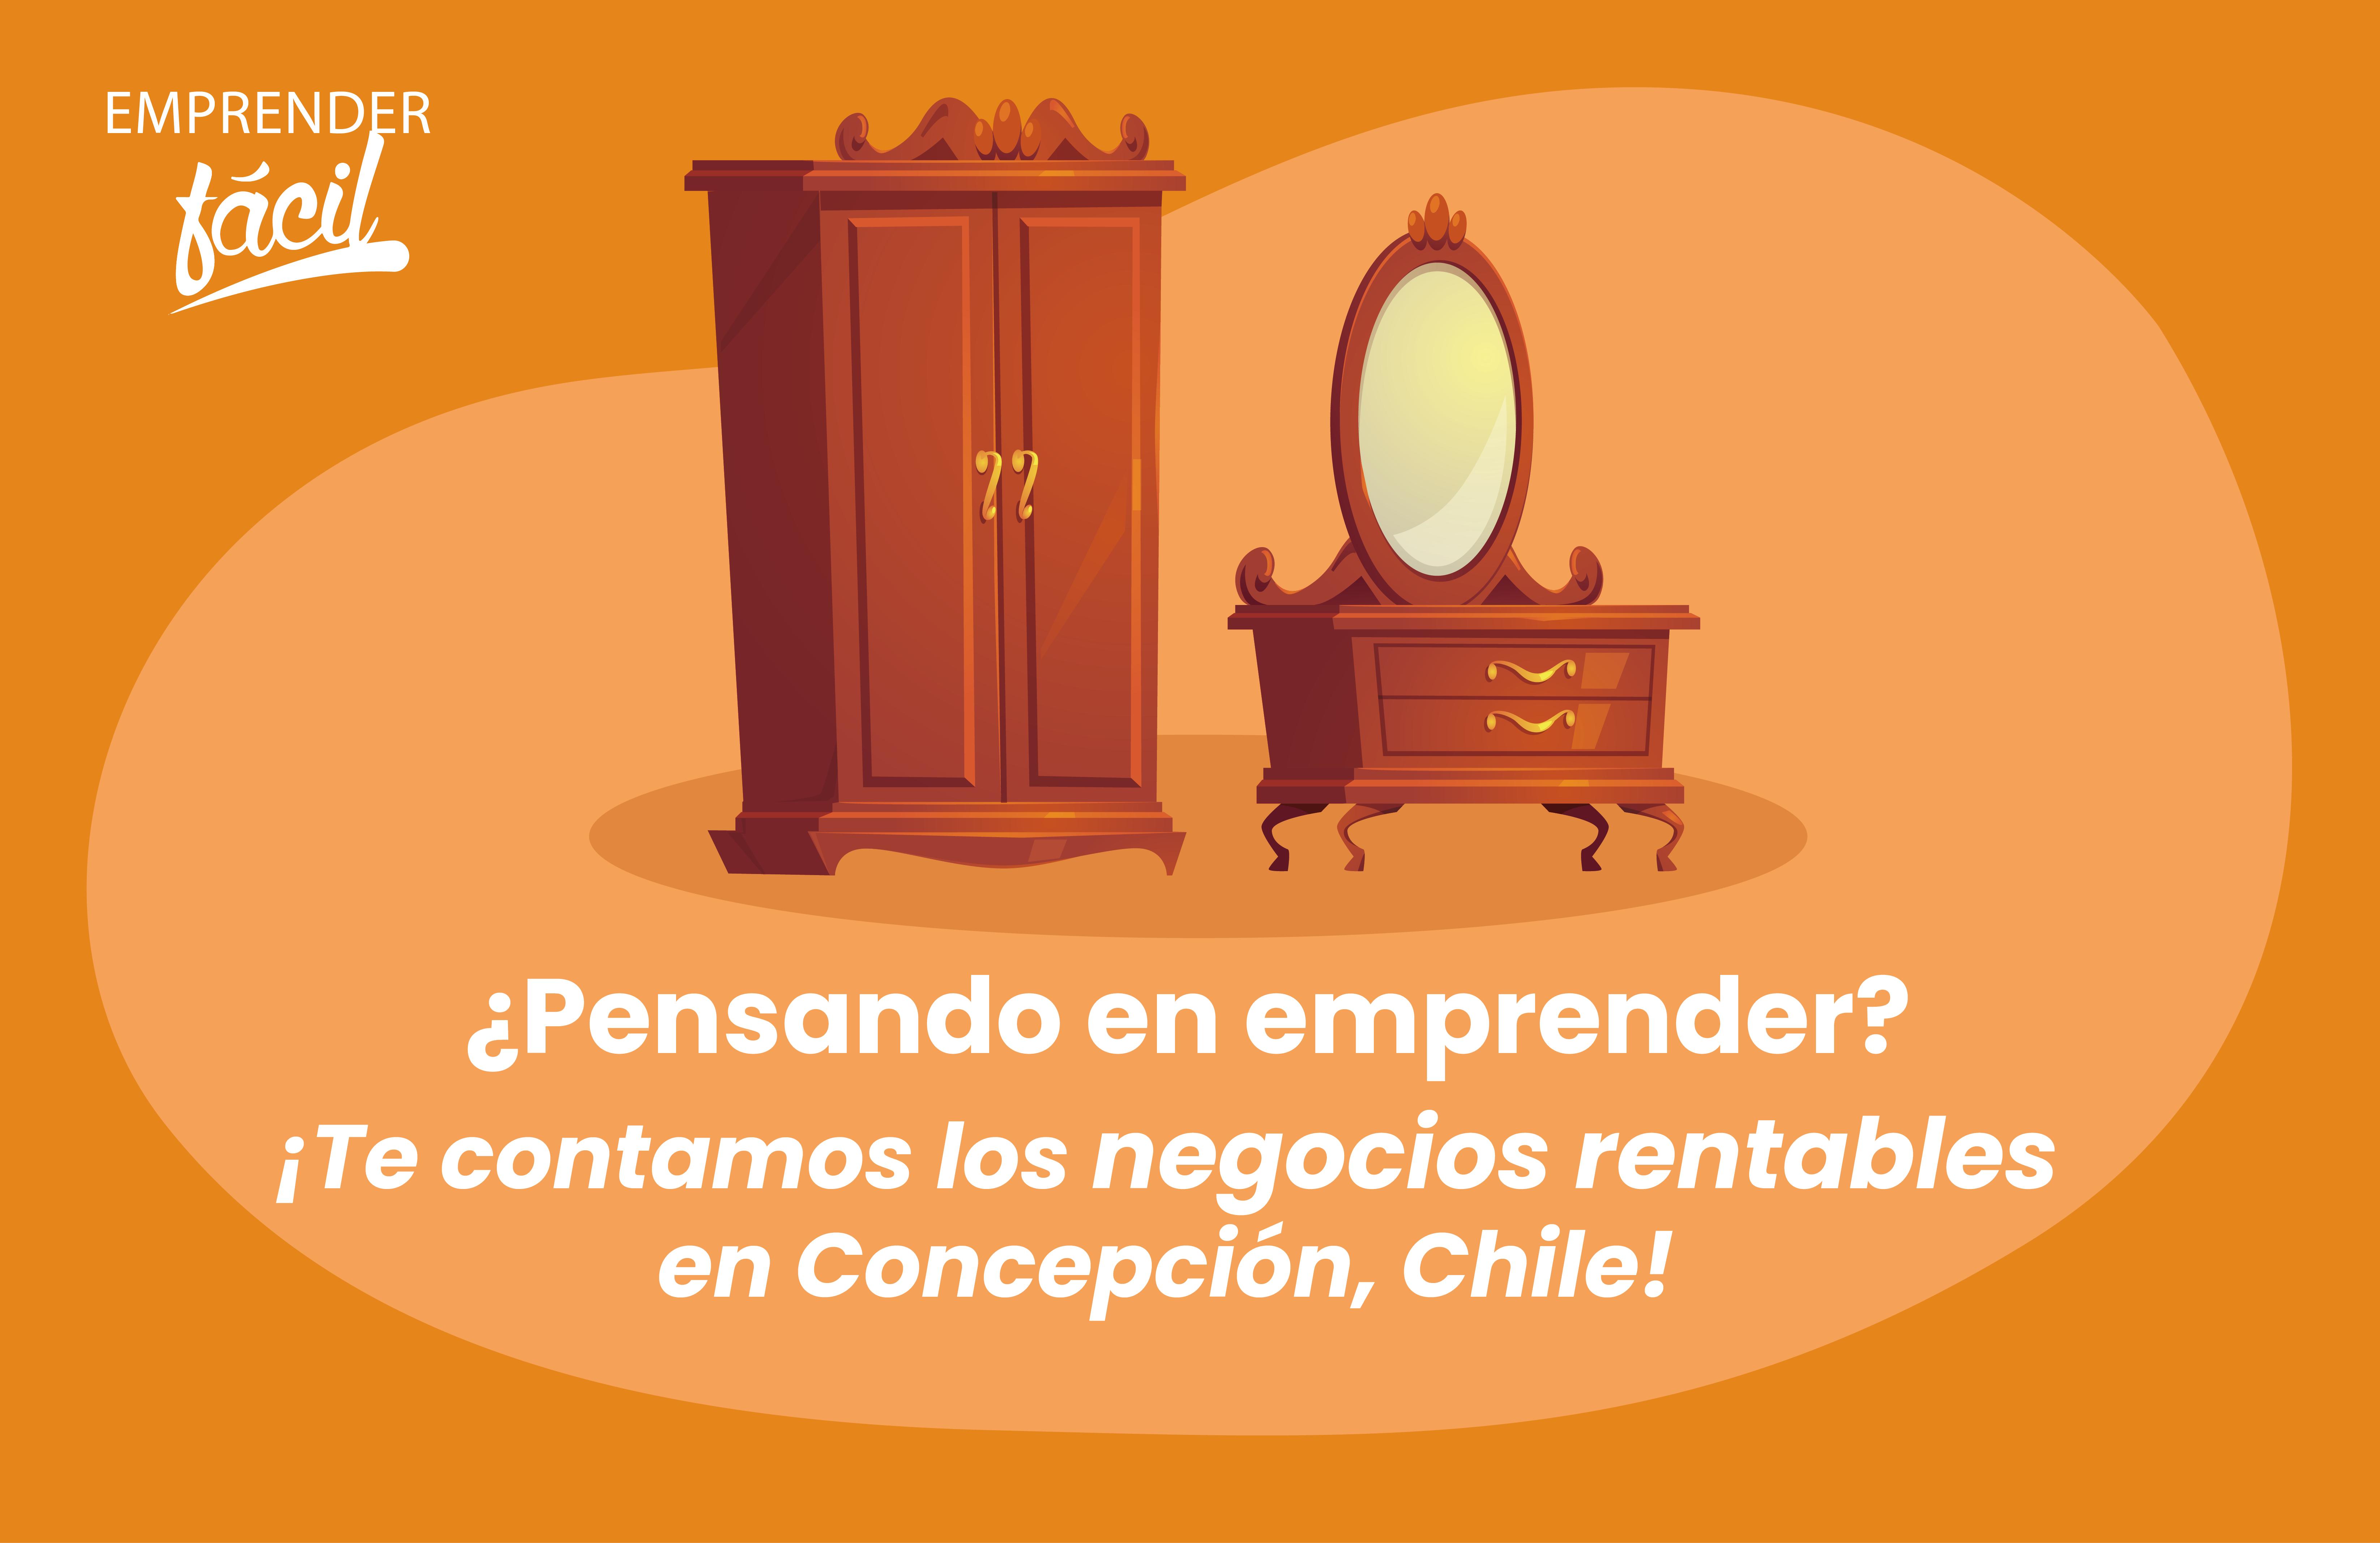 Negocios rentables en Concepción Chile. ¡Efectivos!